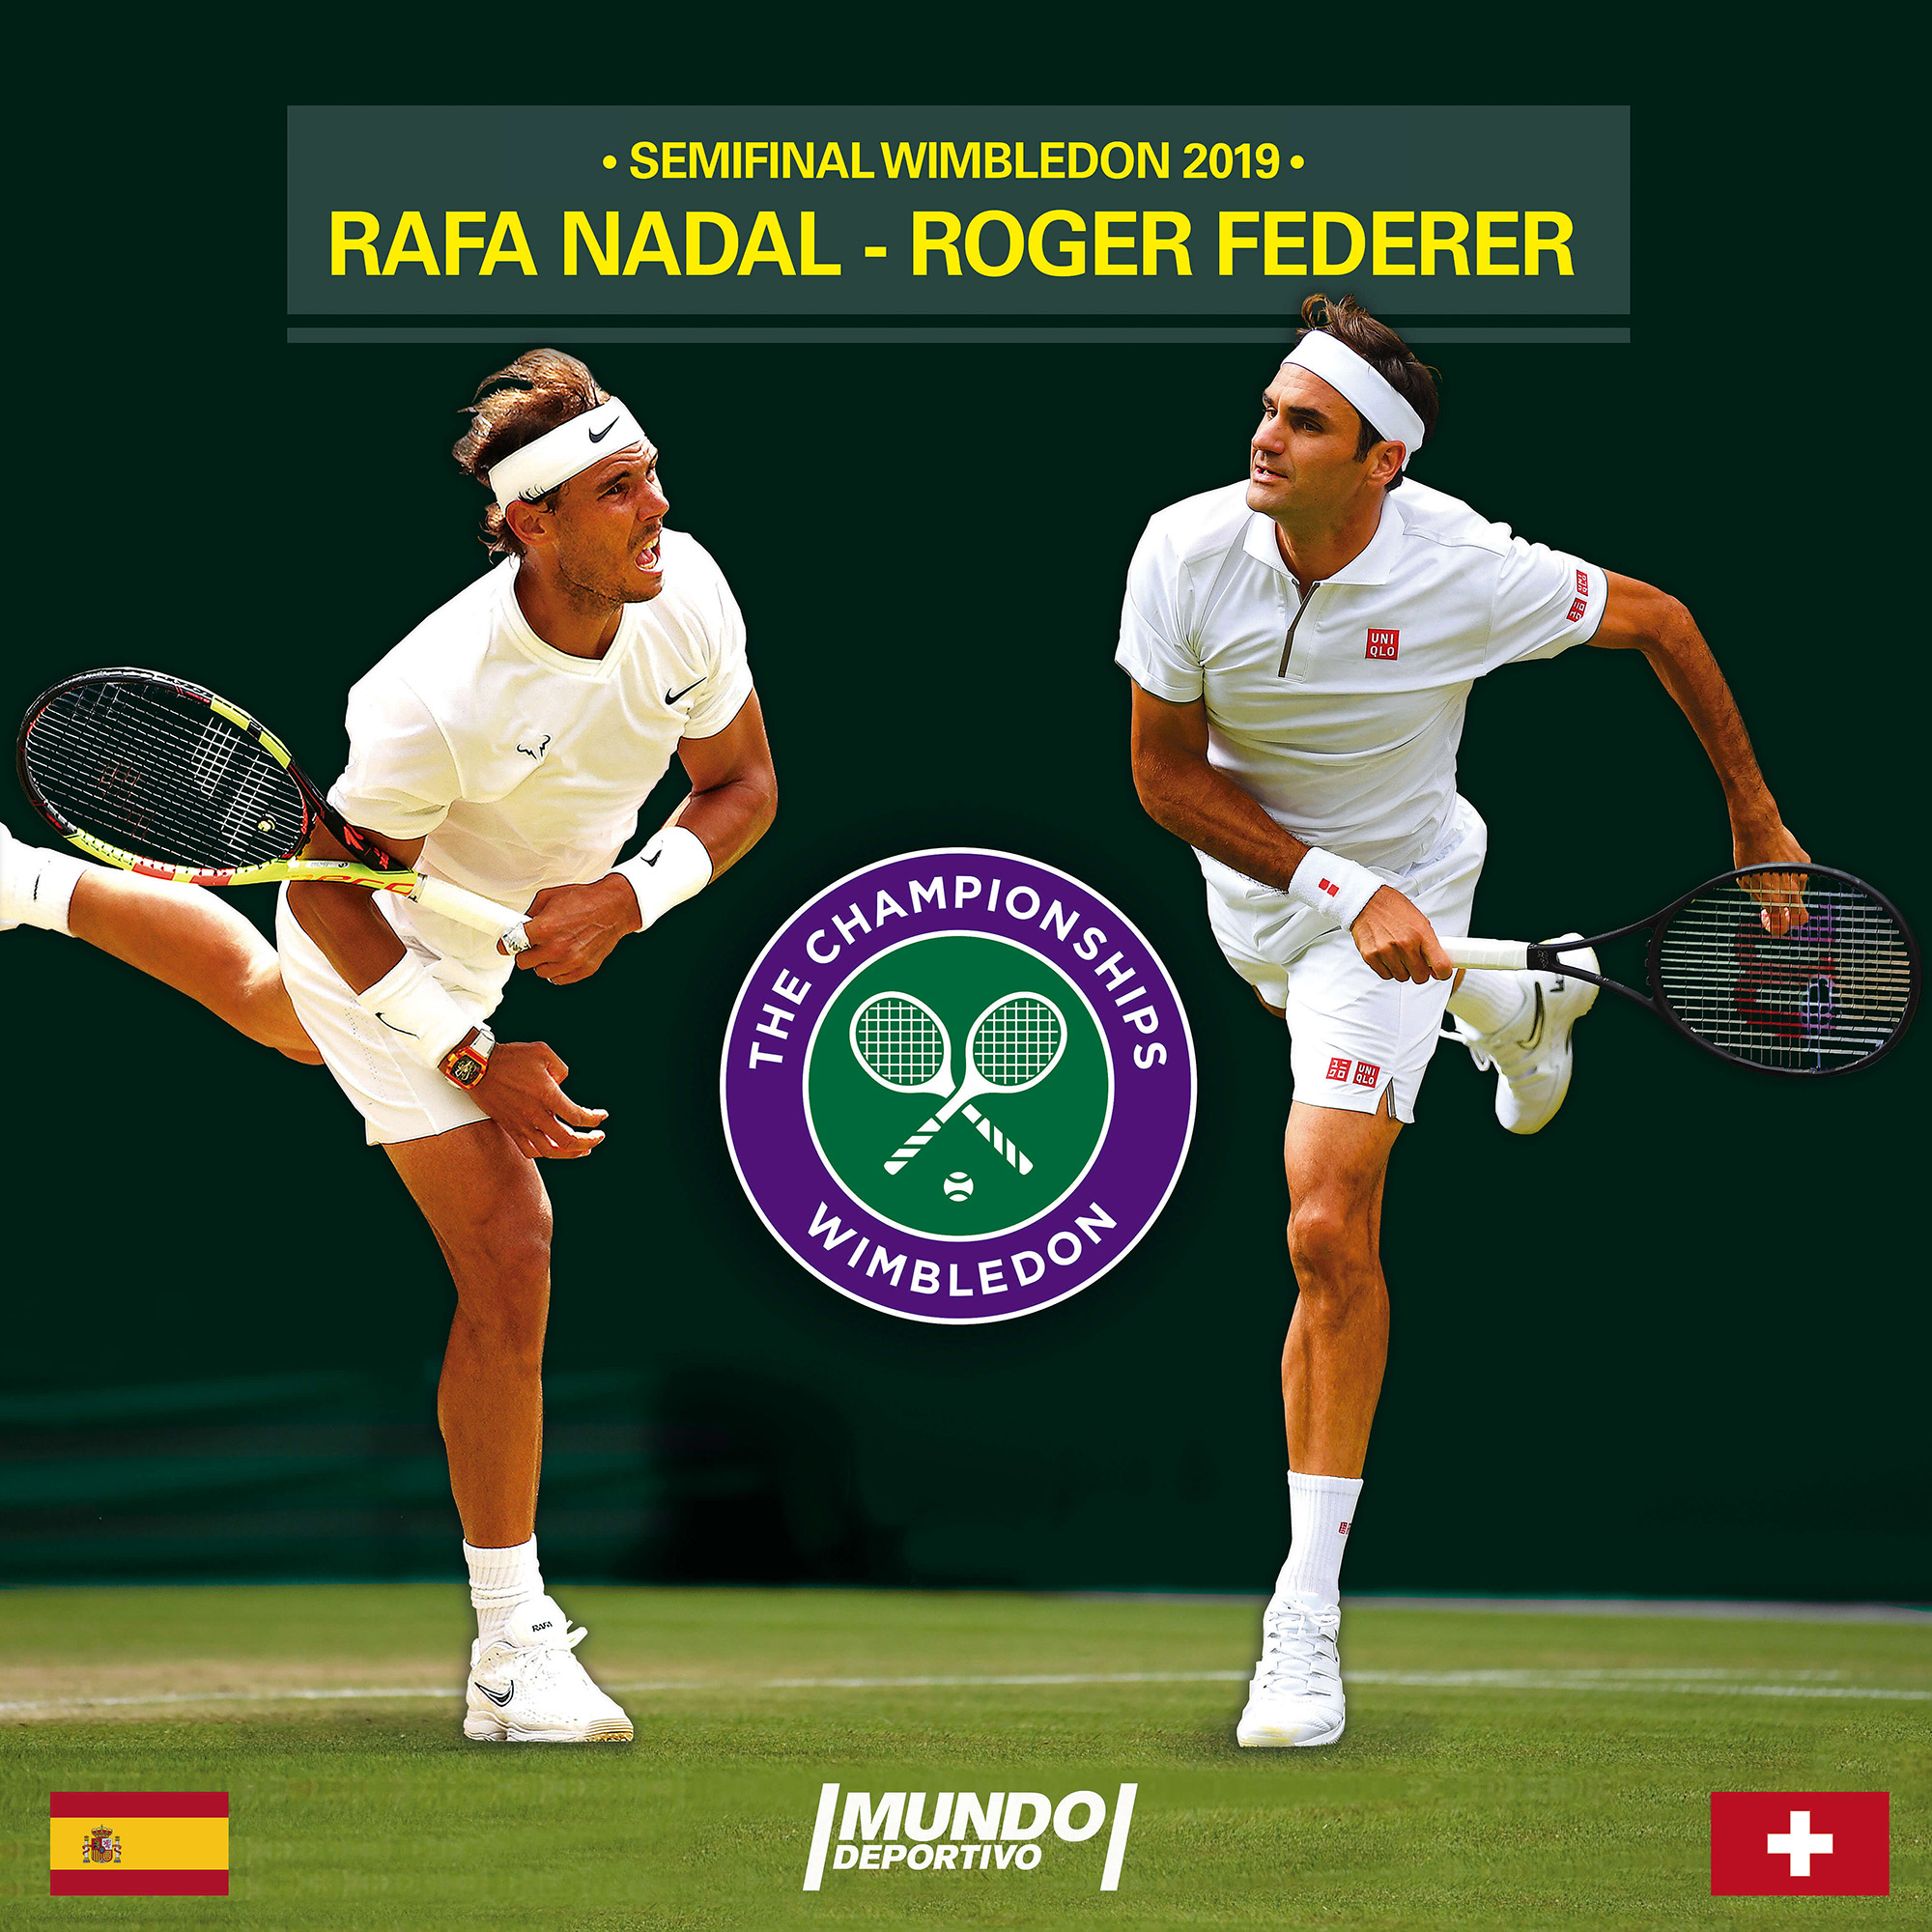 Rafa Nadal vs Roger Federer